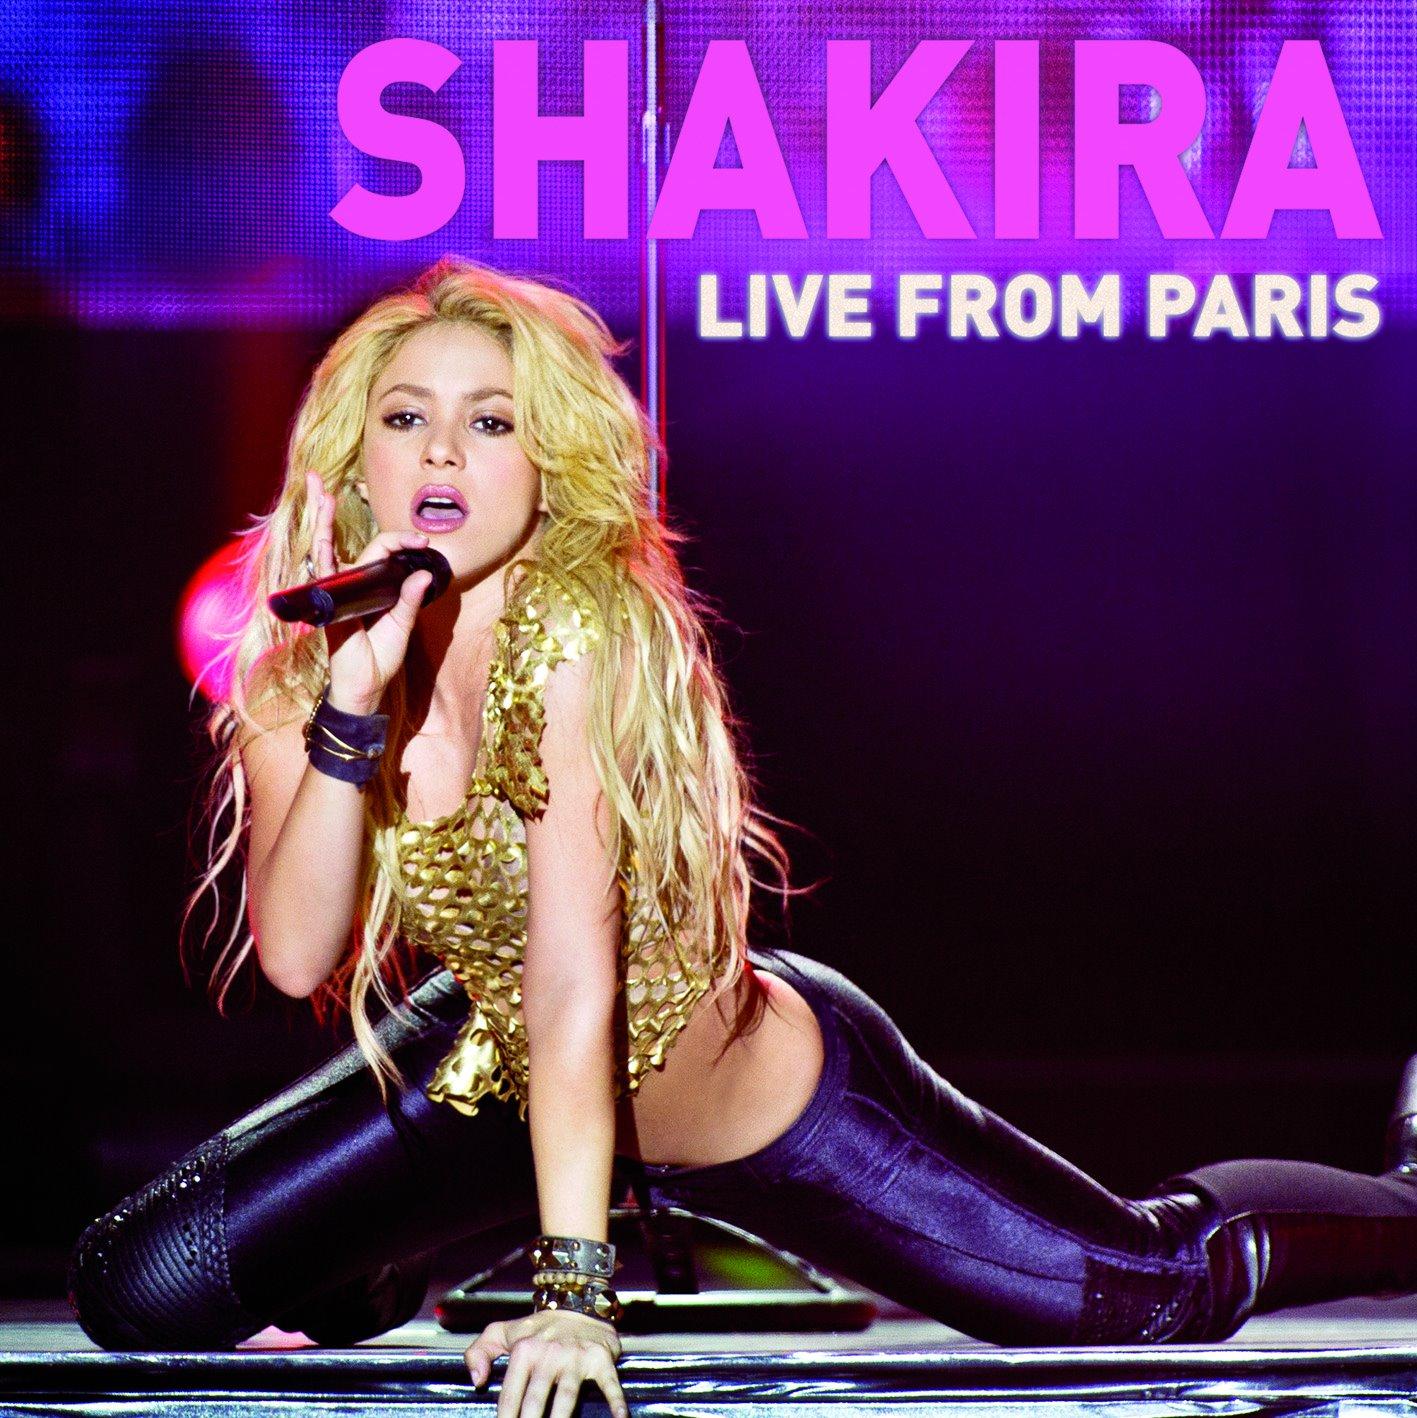 http://1.bp.blogspot.com/-hffPML6nLgk/Tq44I3E3VOI/AAAAAAAAHgY/QCmQpbVoMjg/s1600/shakira-en-live-paris-HQ-myshakiblog.jpg